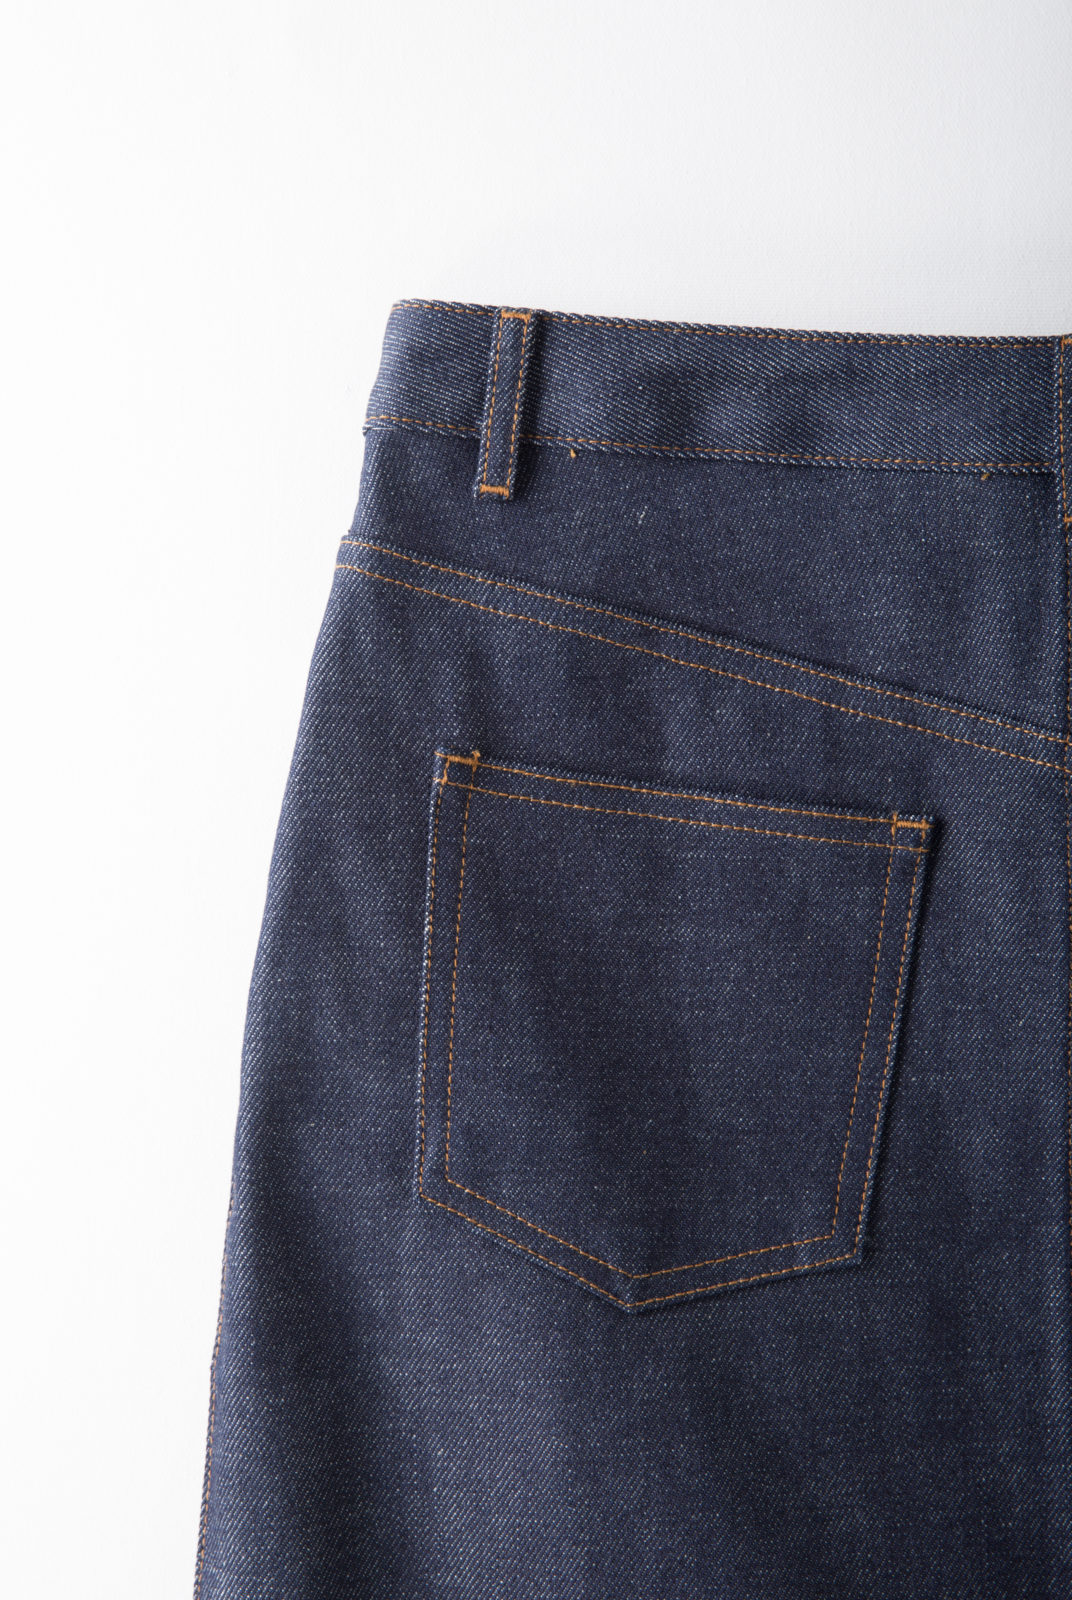 jupe, indigo, denim brut japonais, rigide, coupe courte, légèrement évasée, taille haute, apc